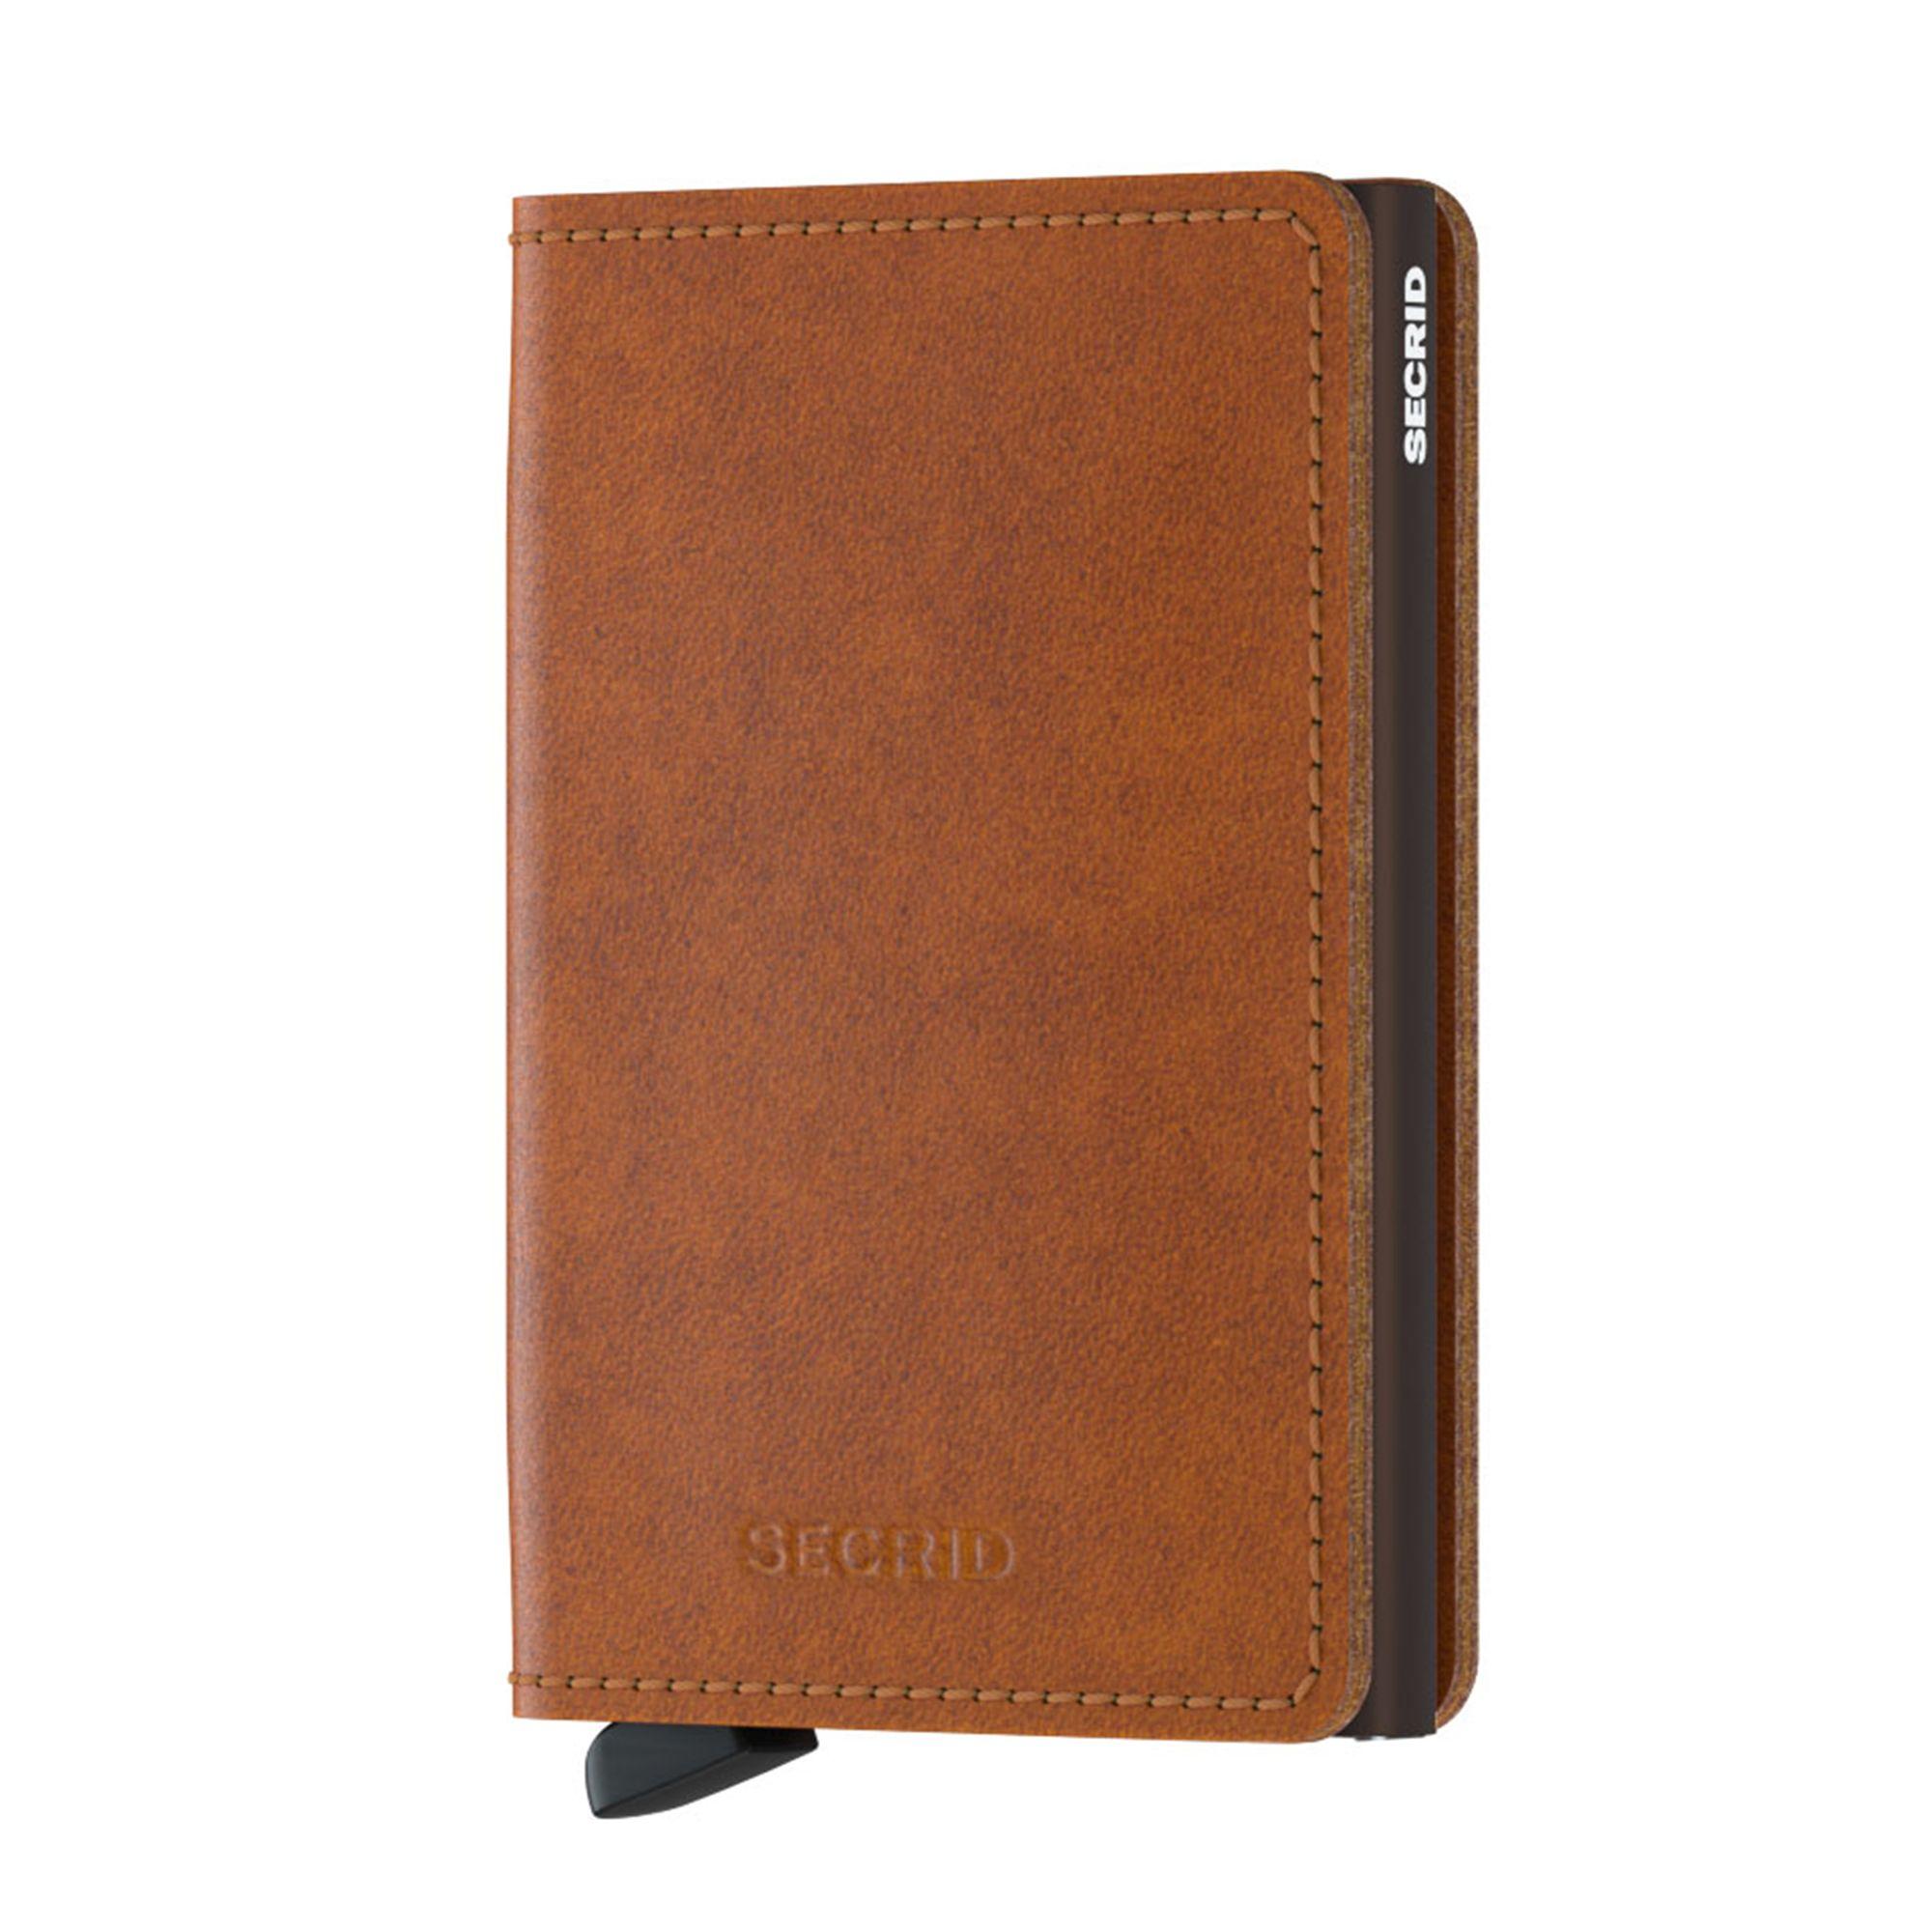 Secrid Slimwallet liten plånbok i skinn och metall, Cognac